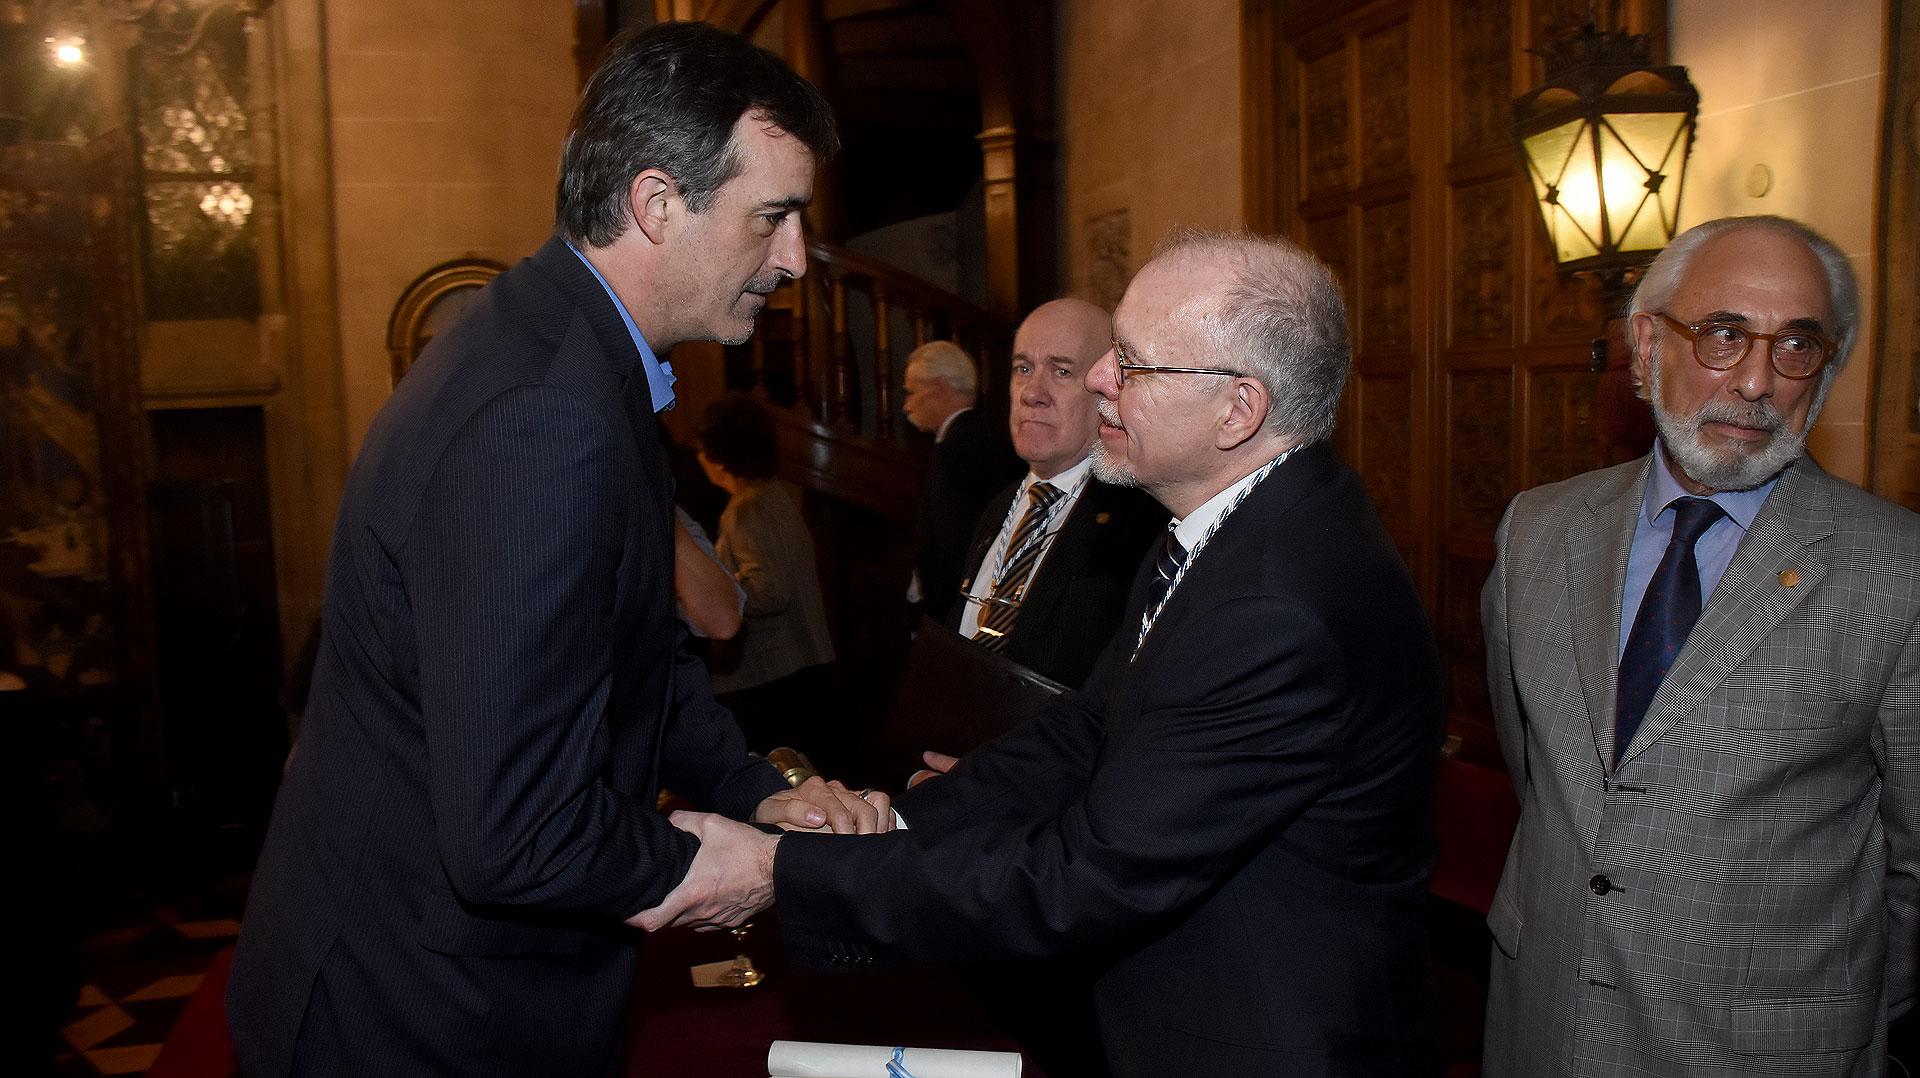 El ministro de Educación Esteban Bullrich, saludando al escritor y periodista